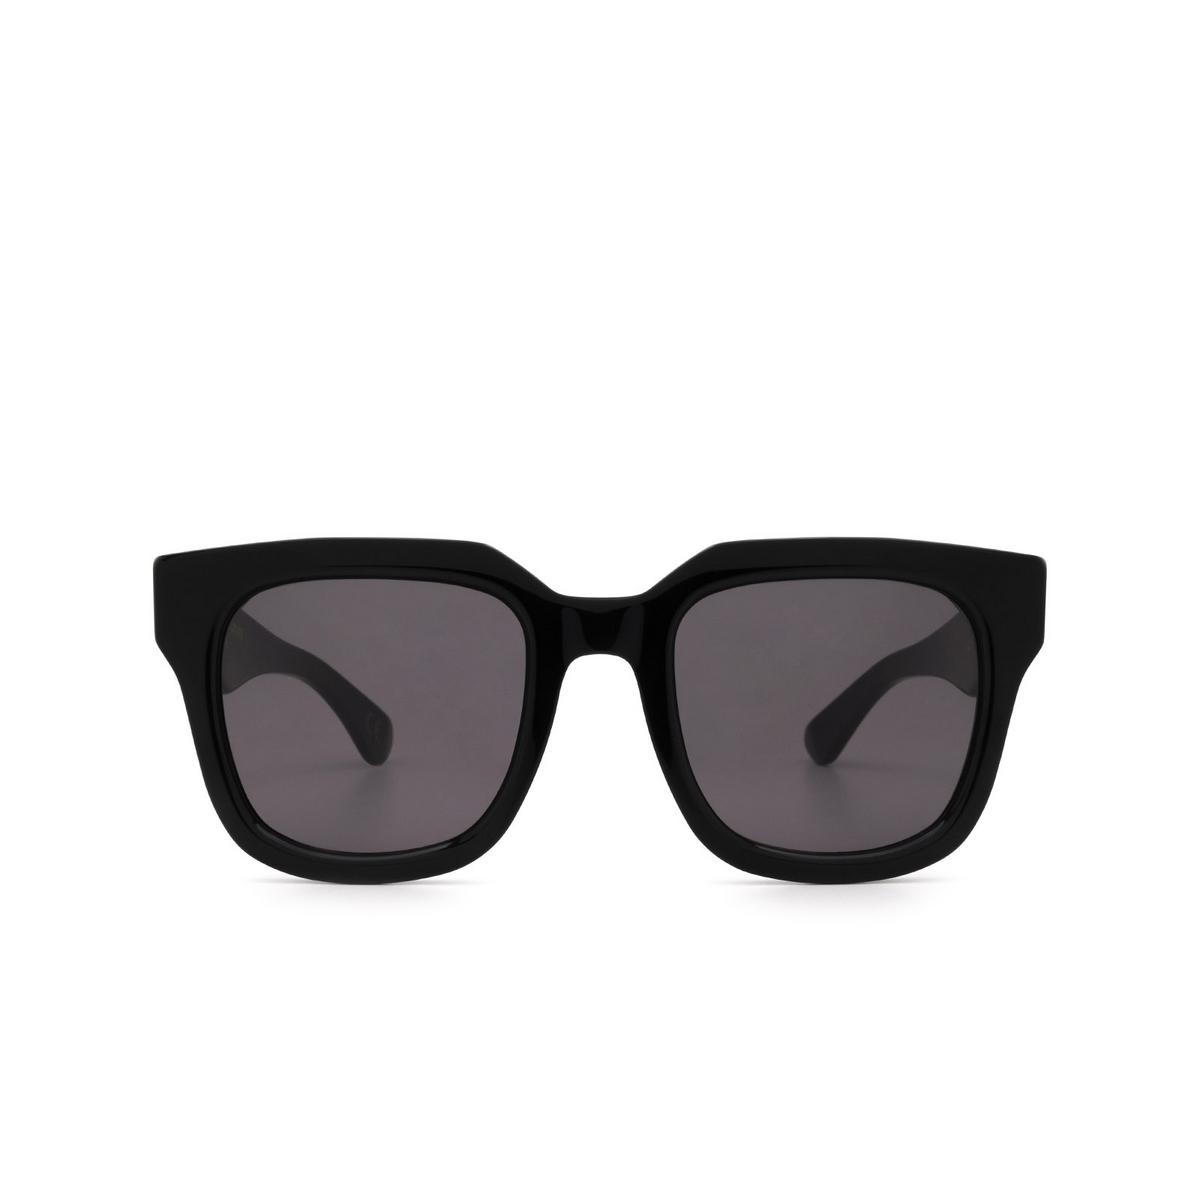 Retrosuperfuture® Square Sunglasses: Sabato color Black 8JY - front view.